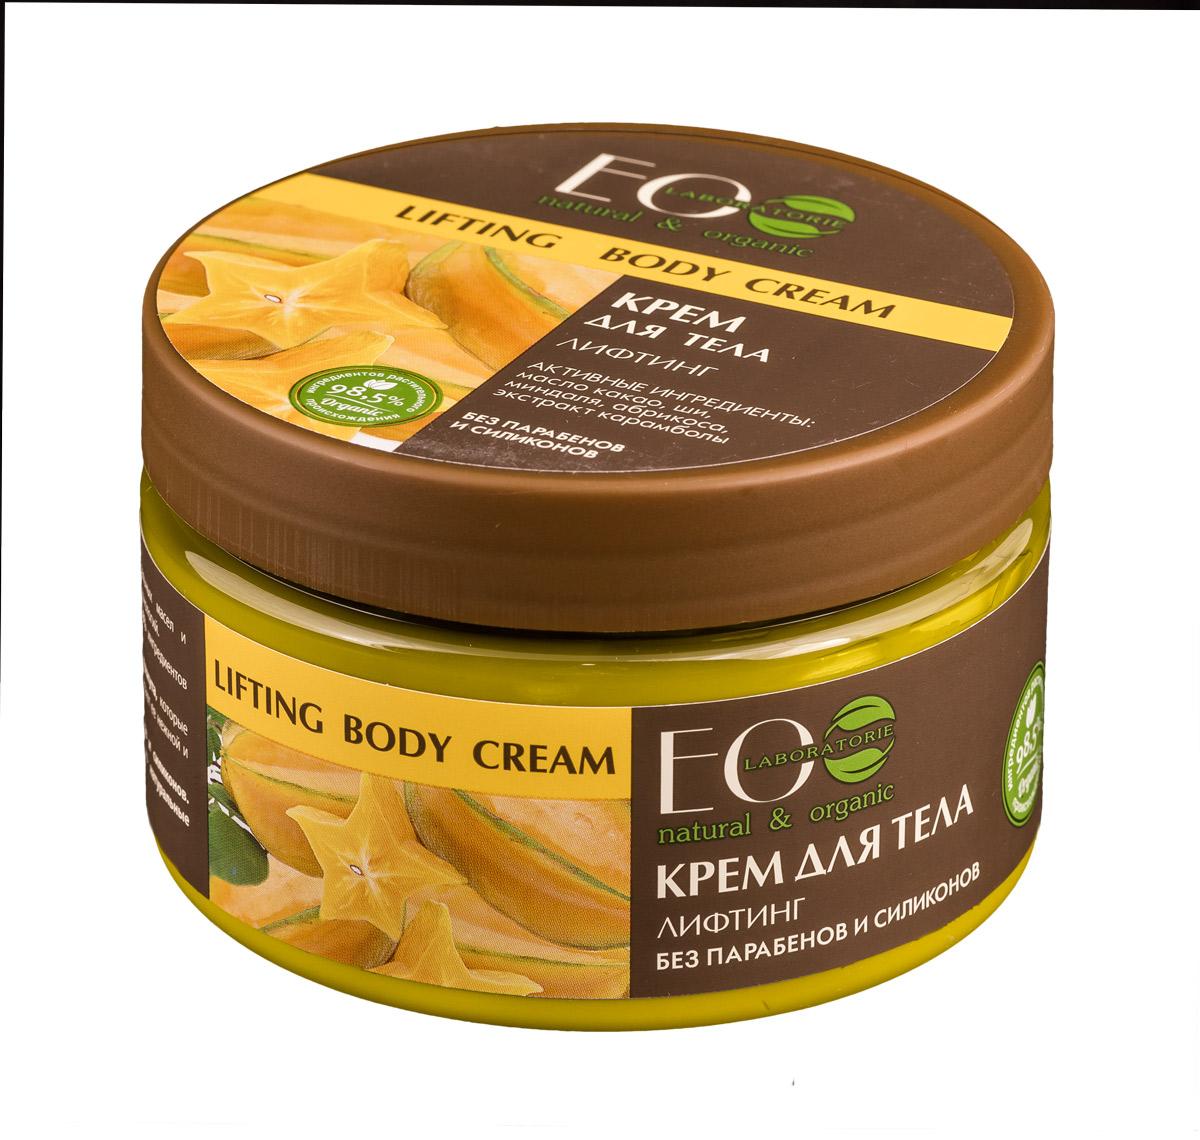 EcoLab ЭкоЛаб Крем для тела Лифтинг 250 мл4627090990903Замечательно питает, увлажняет, смягчает, оживляет и тонизирует кожу, значительно замедляет процесс старения кожи, защищая ее также от вредного ультрафиолетового излучения. Активные ингредиенты: масло какао, ши, кунжута, миндаля, абрикоса, экстракт карамболы